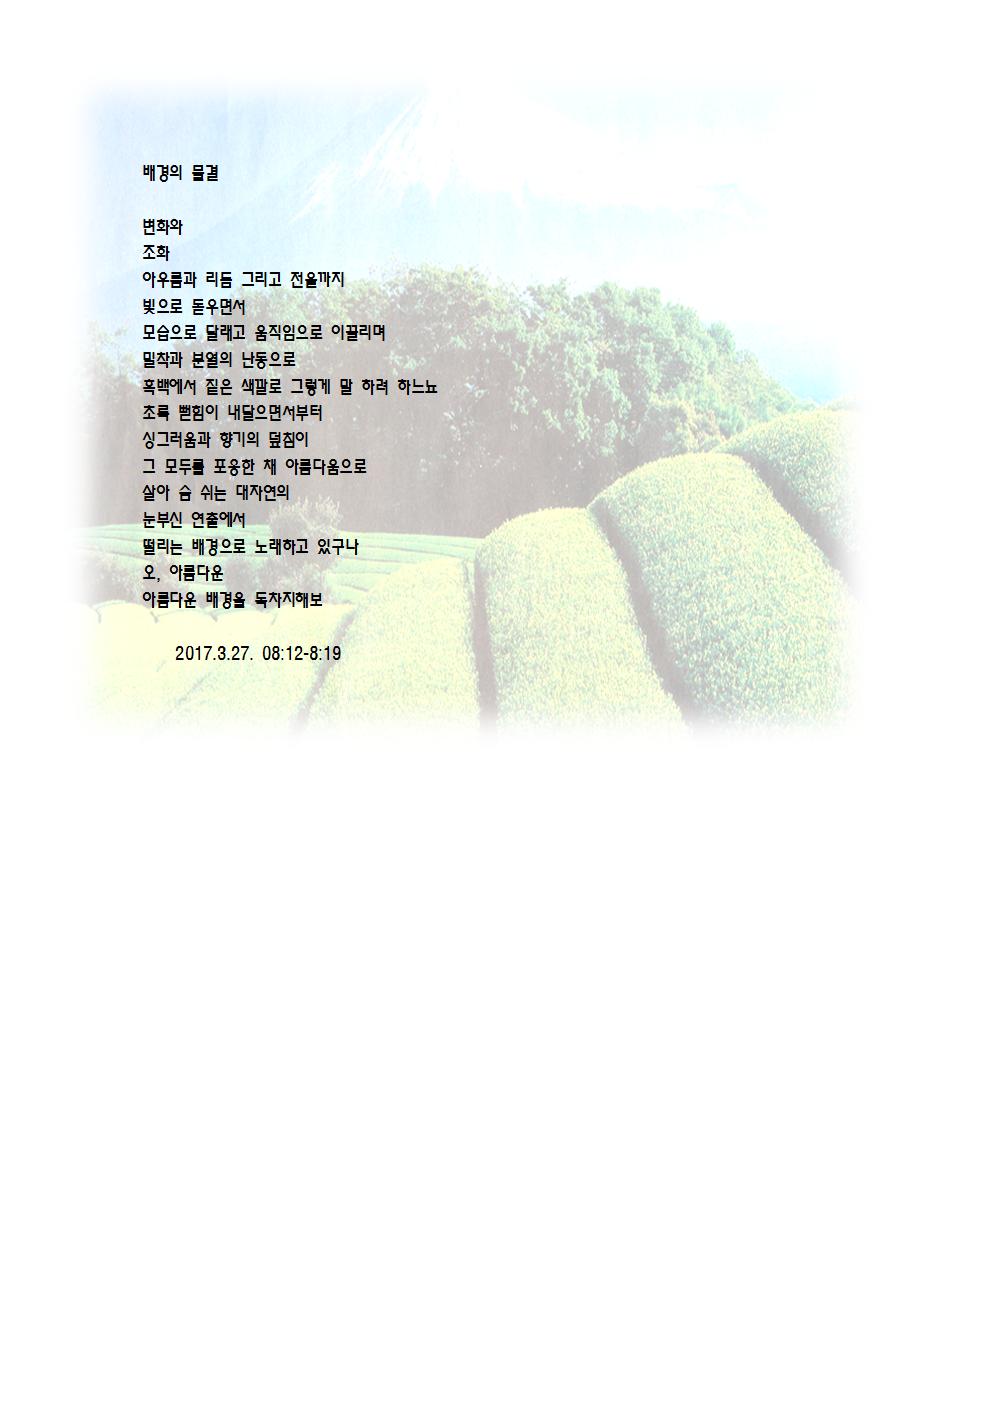 배경의 물결영상시001.png